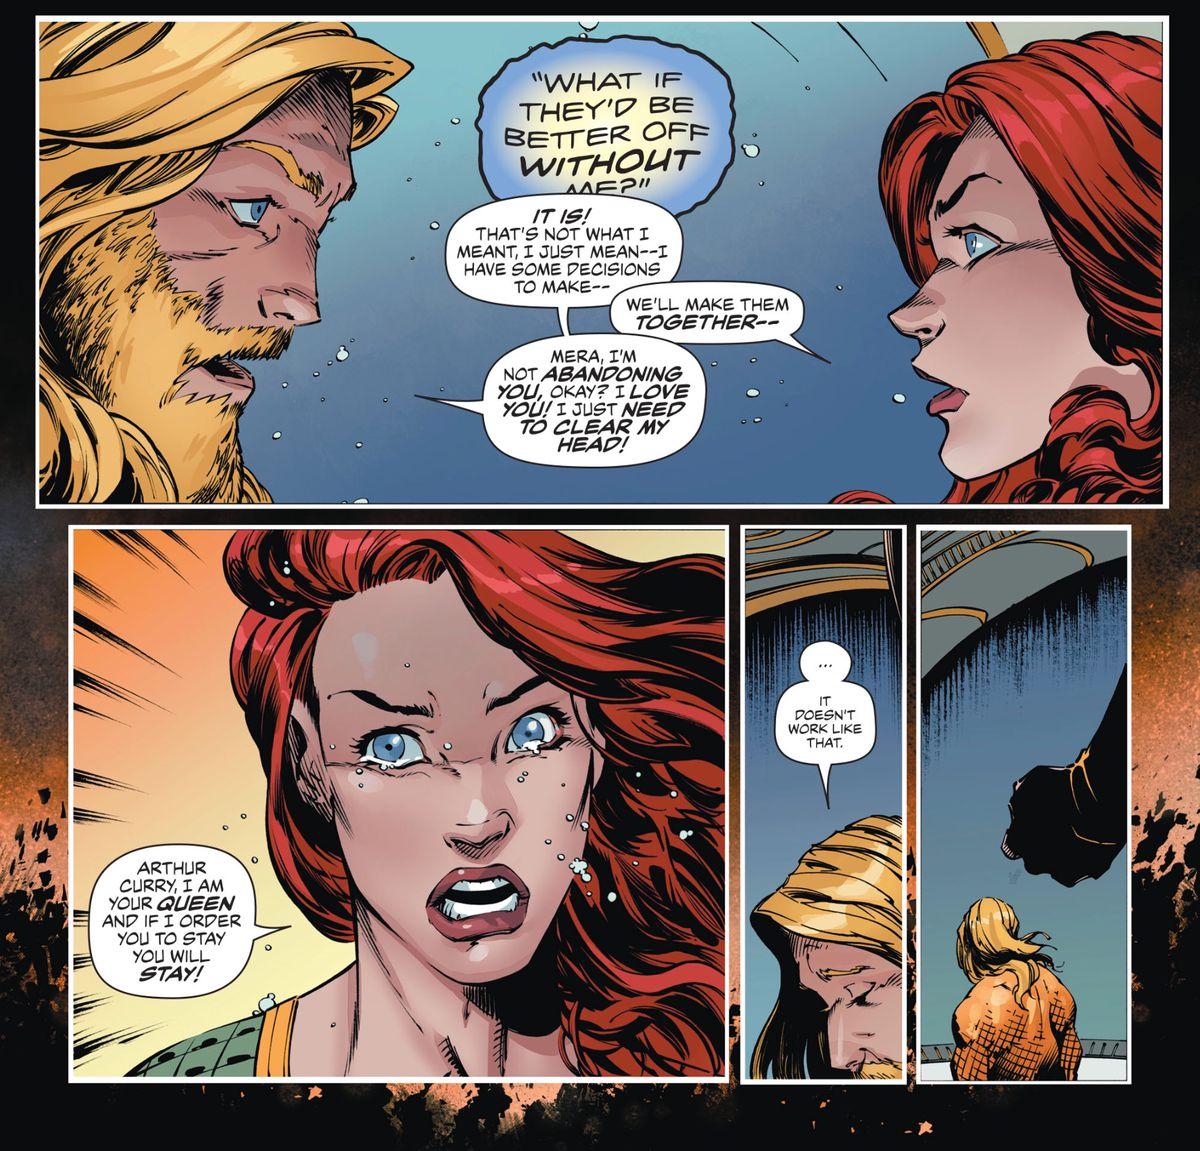 Aquaman and Mera in Aquaman #49, DC Comics 2019.